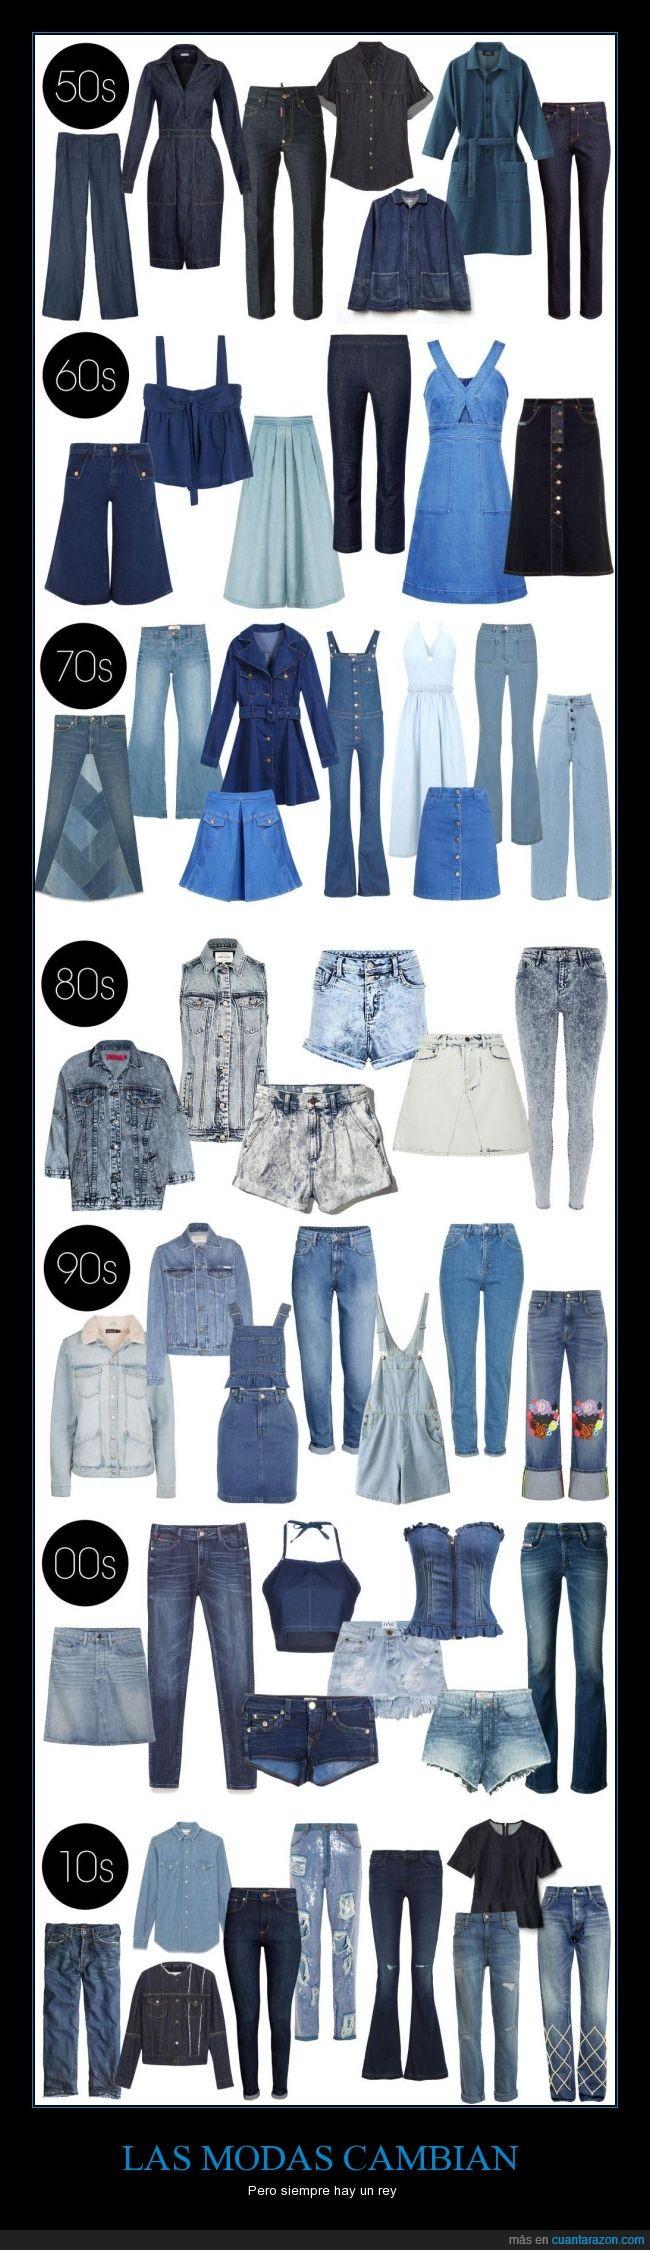 actualidad,camisa,campana,decada,denim,estilo,jean,moda,tejano,tela,vaquero